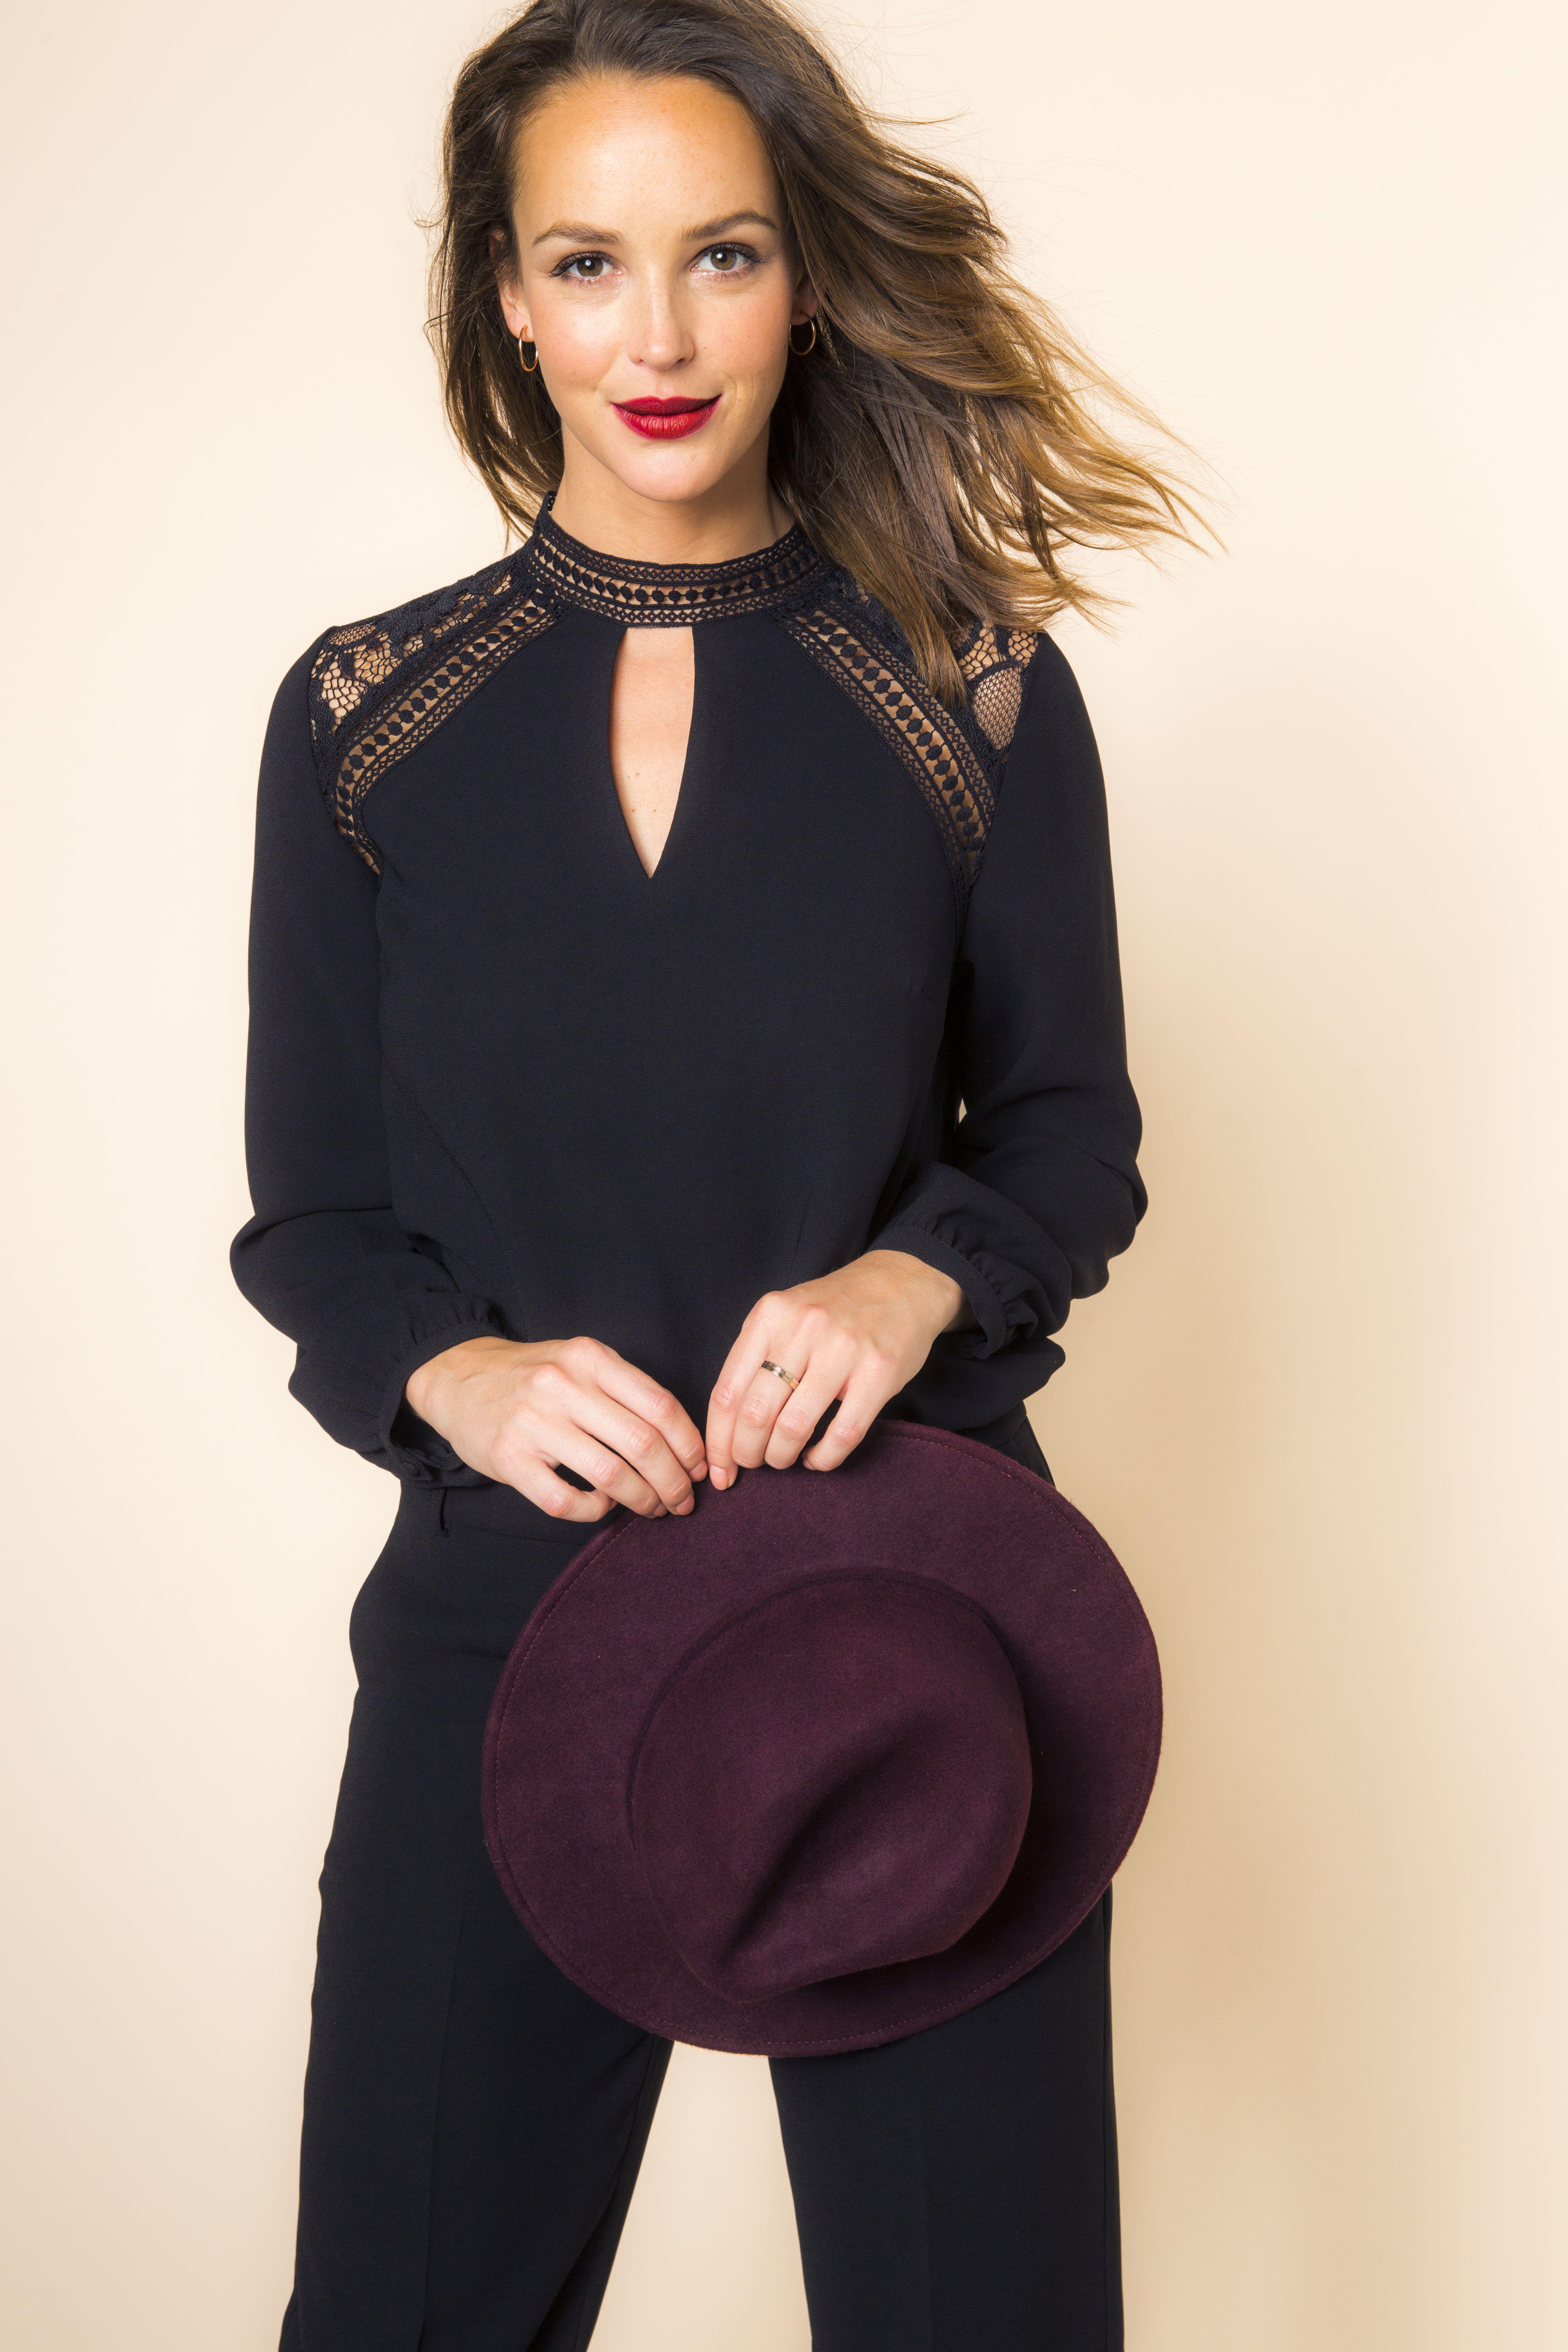 blouse manches longues noir d tails dentelle col montant chapeau feutre bordeaux cama eu. Black Bedroom Furniture Sets. Home Design Ideas